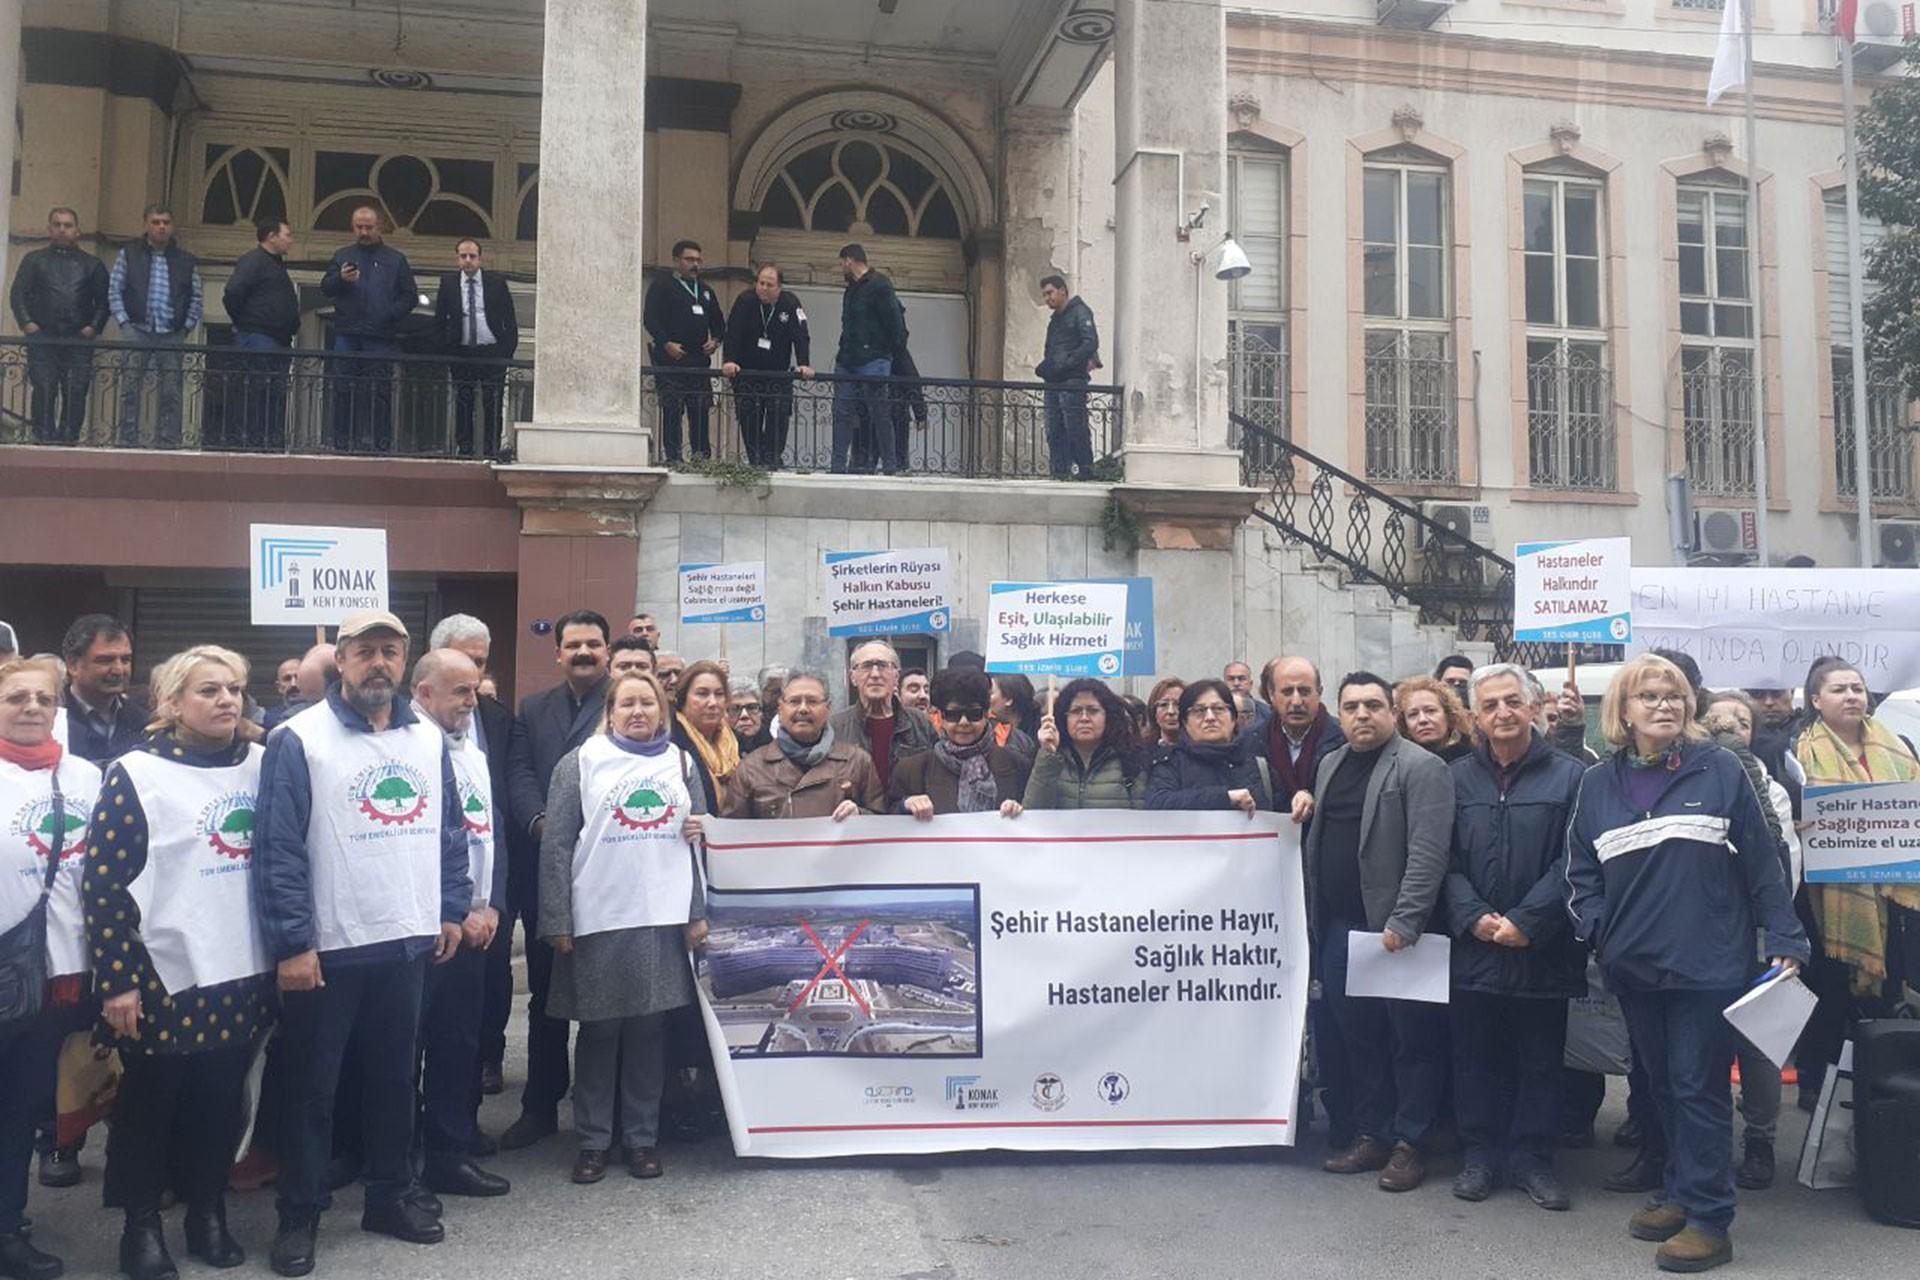 İzmir'de kitle örgütleri şehir hastanelerine karşı basın açıklaması yaparken